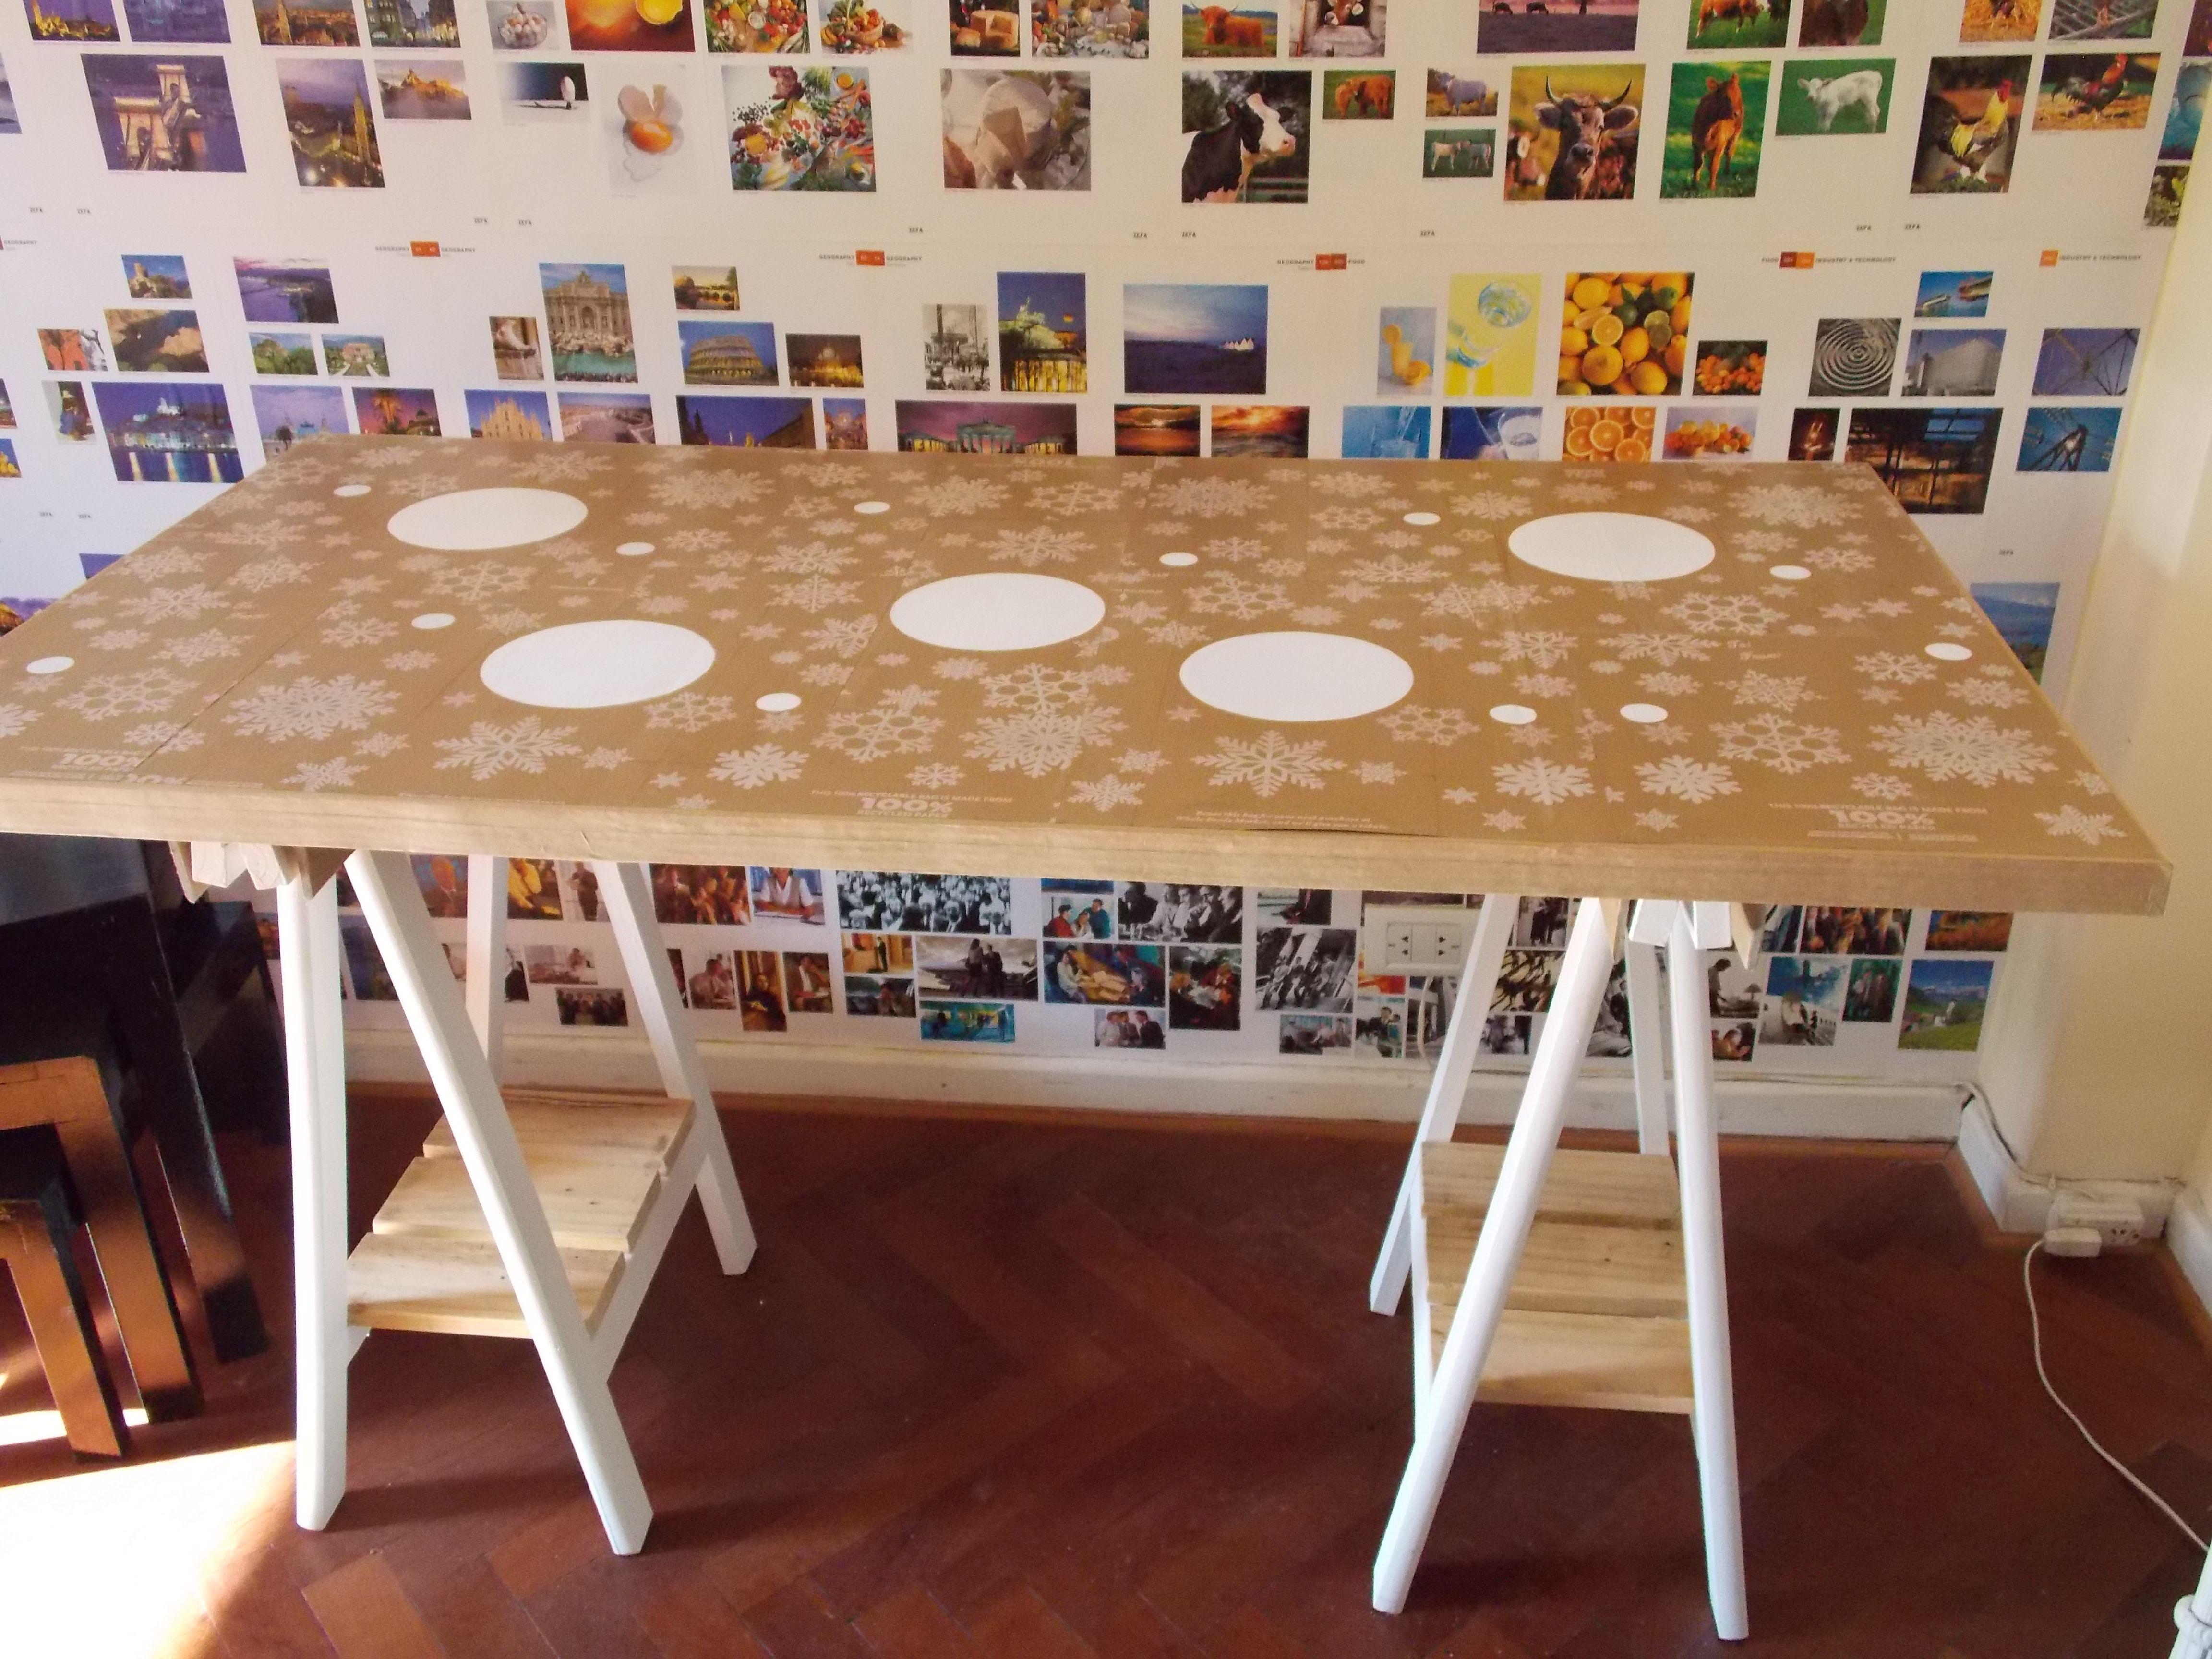 Escritorio mesa hecha con caballetes y bolsas de madera reciclables mesas pinterest Caballetes para mesa